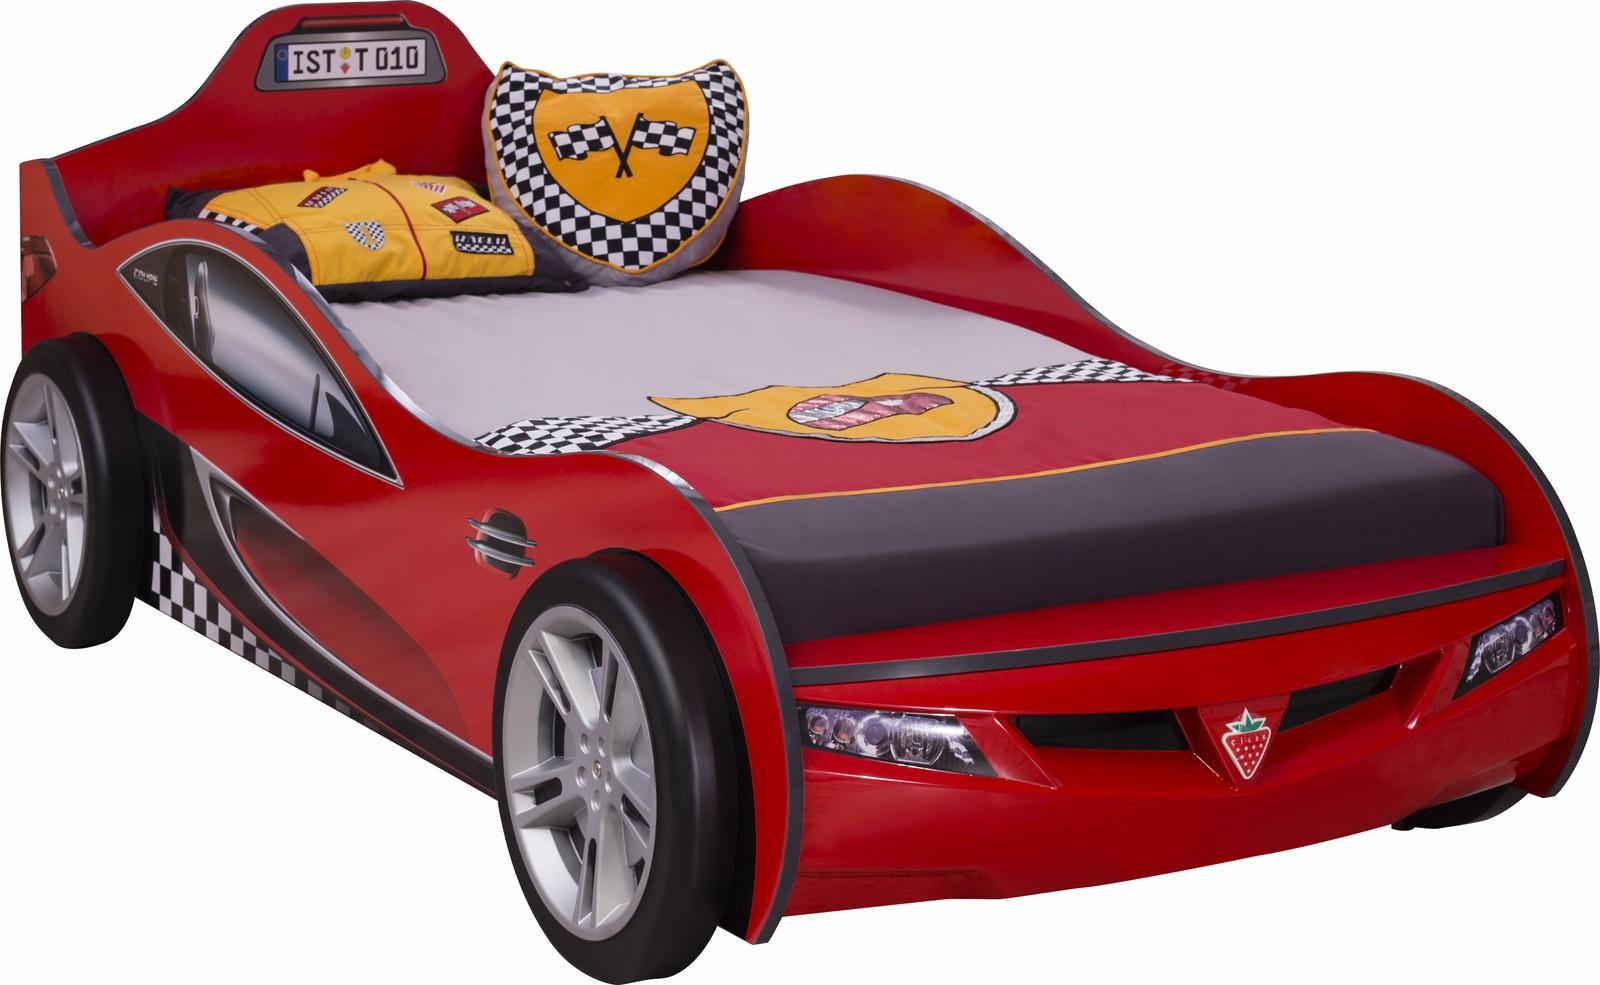 Autobed jongens bed rood kinderkamer specialist in kinderkamers en